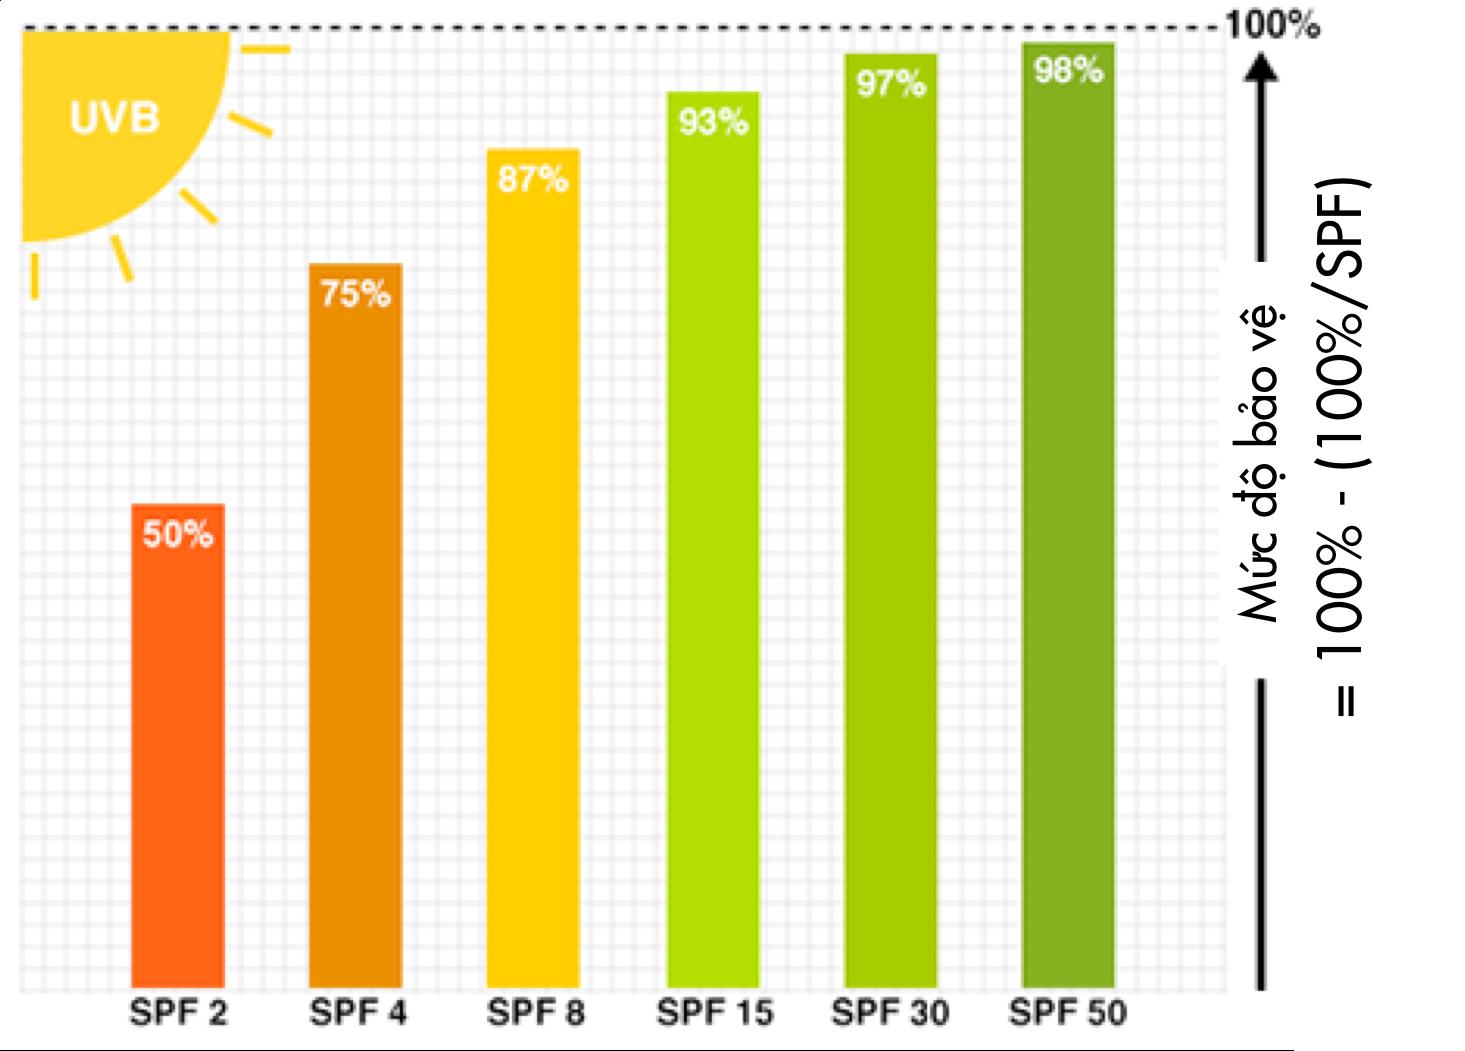 chỉ số SPF chống nắng bảo vệ làn da